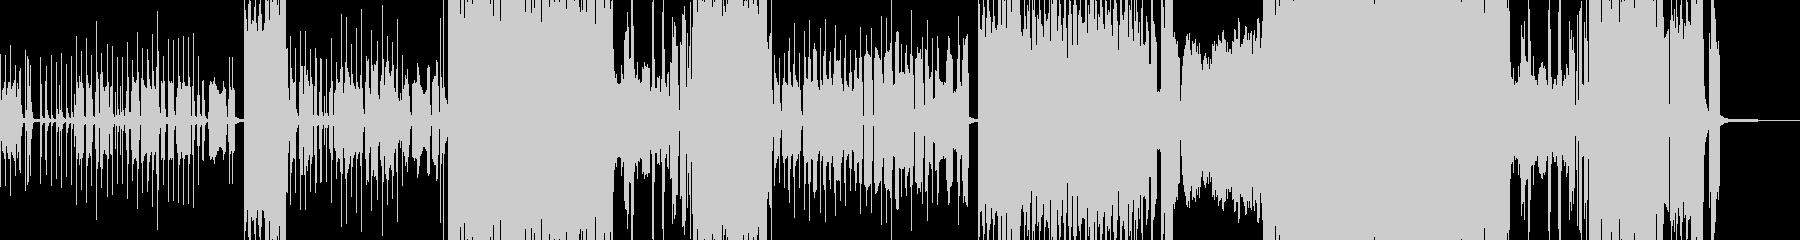 ゆめかわメルヘンなカントリーロックの未再生の波形